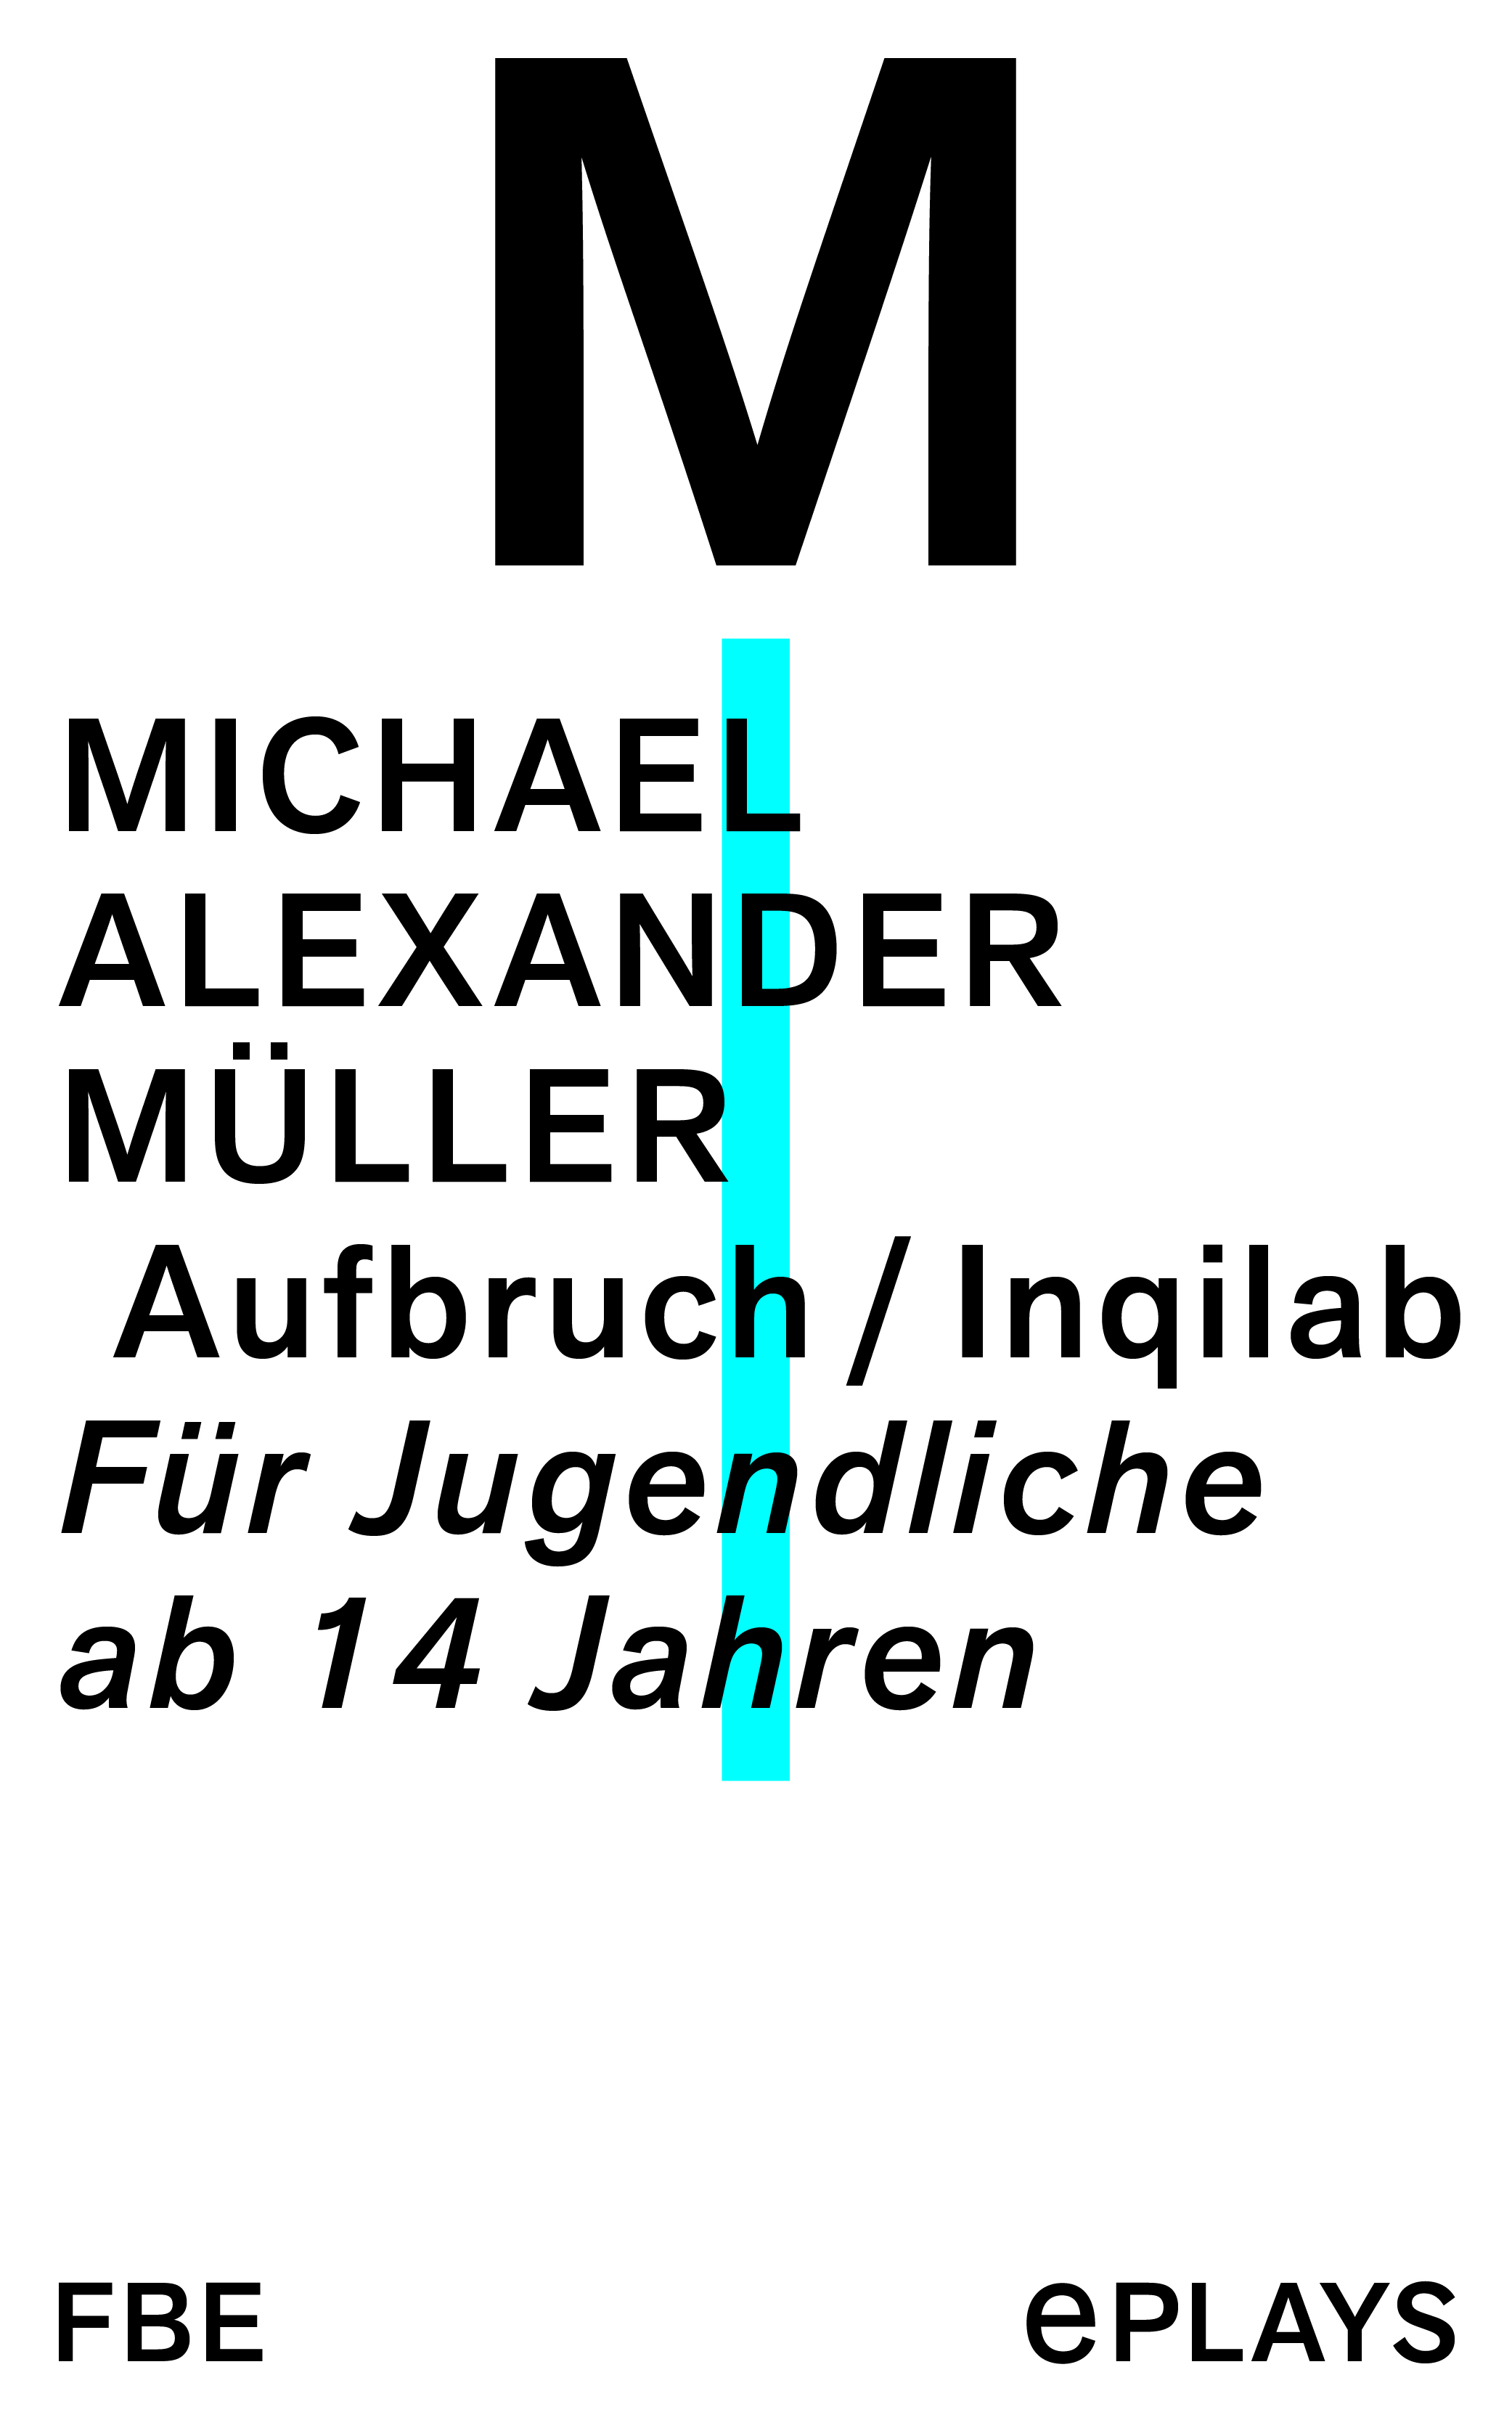 Michael Alexander Müller Aufbruch / Inqilab gerechtigkeit